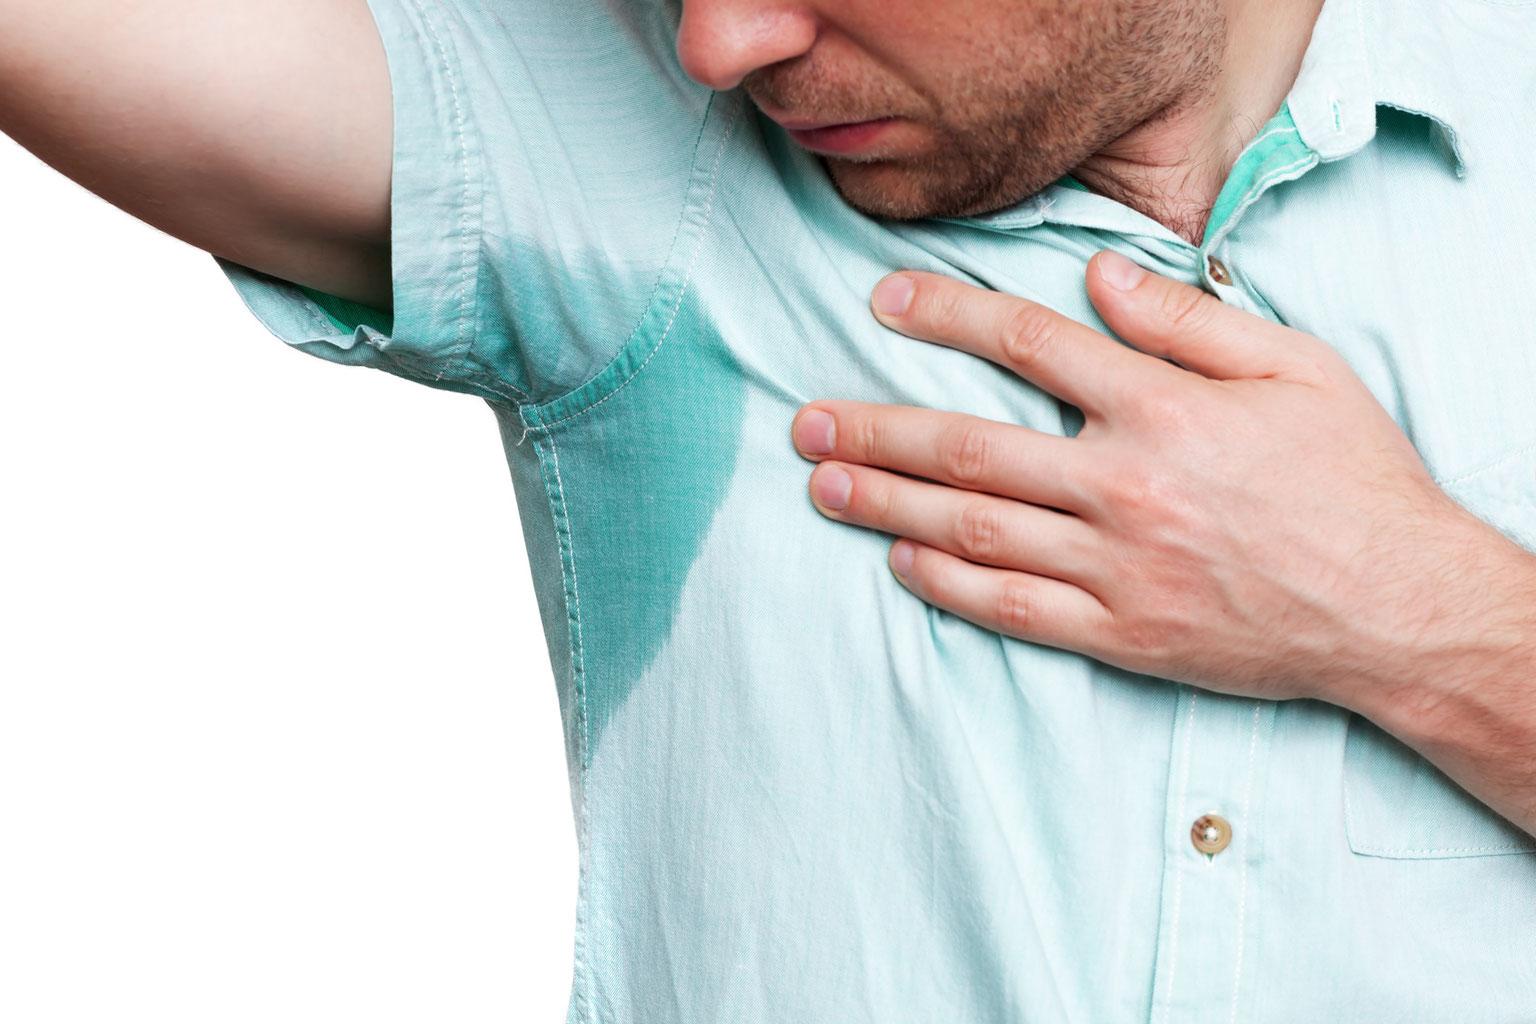 Achselschweiß: Was hilft gegen starkes Schwitzen unter den